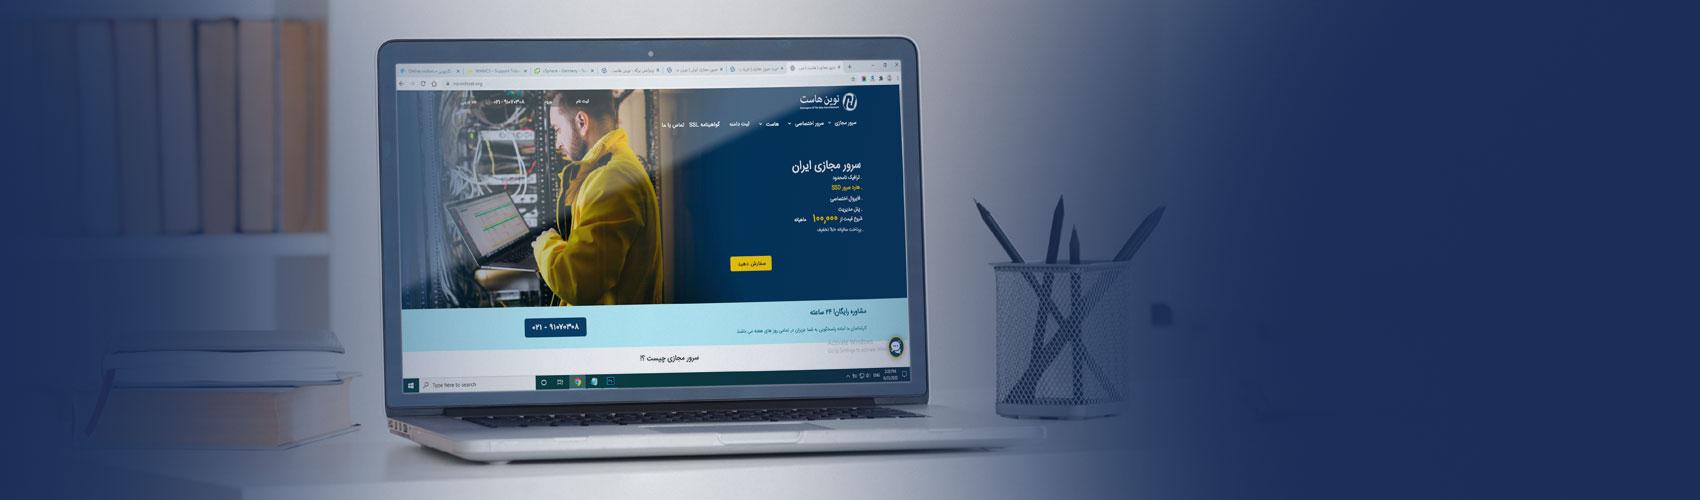 سرور مجازی | سرور اختصاصی | سرورمجازی ایران | هاست | نوین هاست